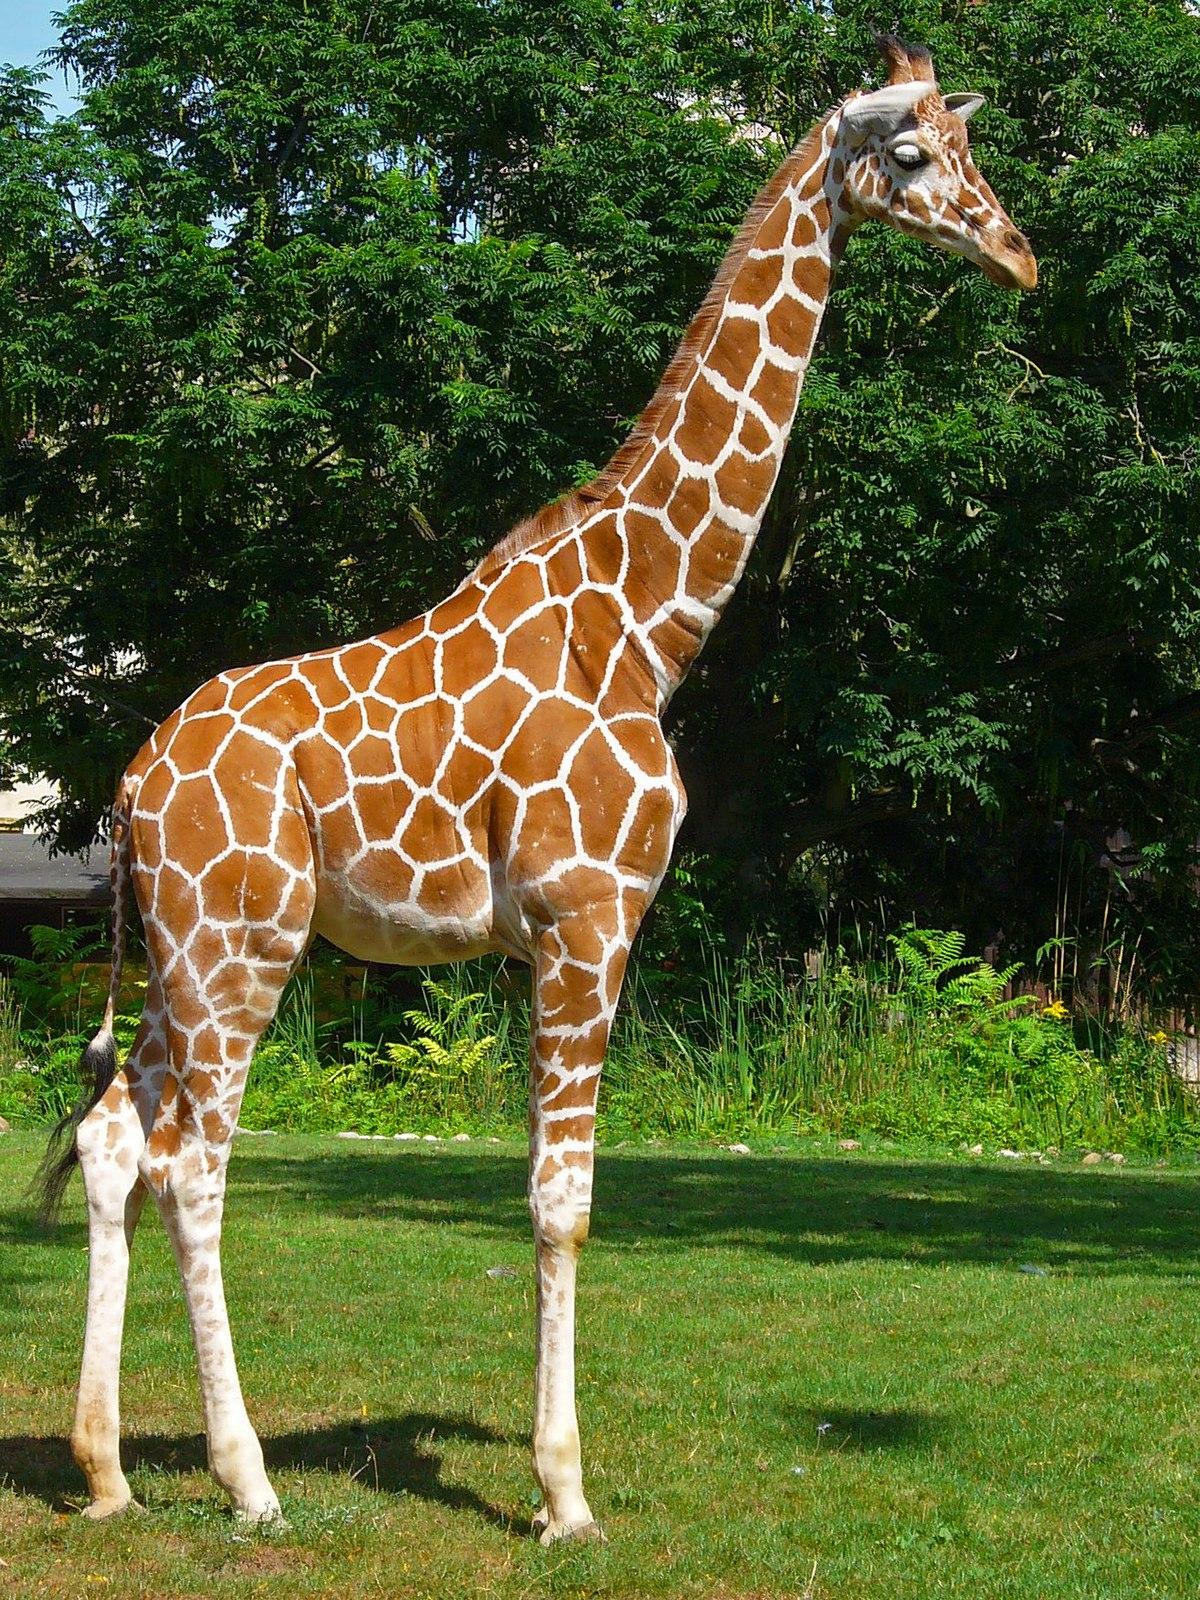 Giraffa reticulata wikipedia la enciclopedia libre for Taxonomia de la jirafa